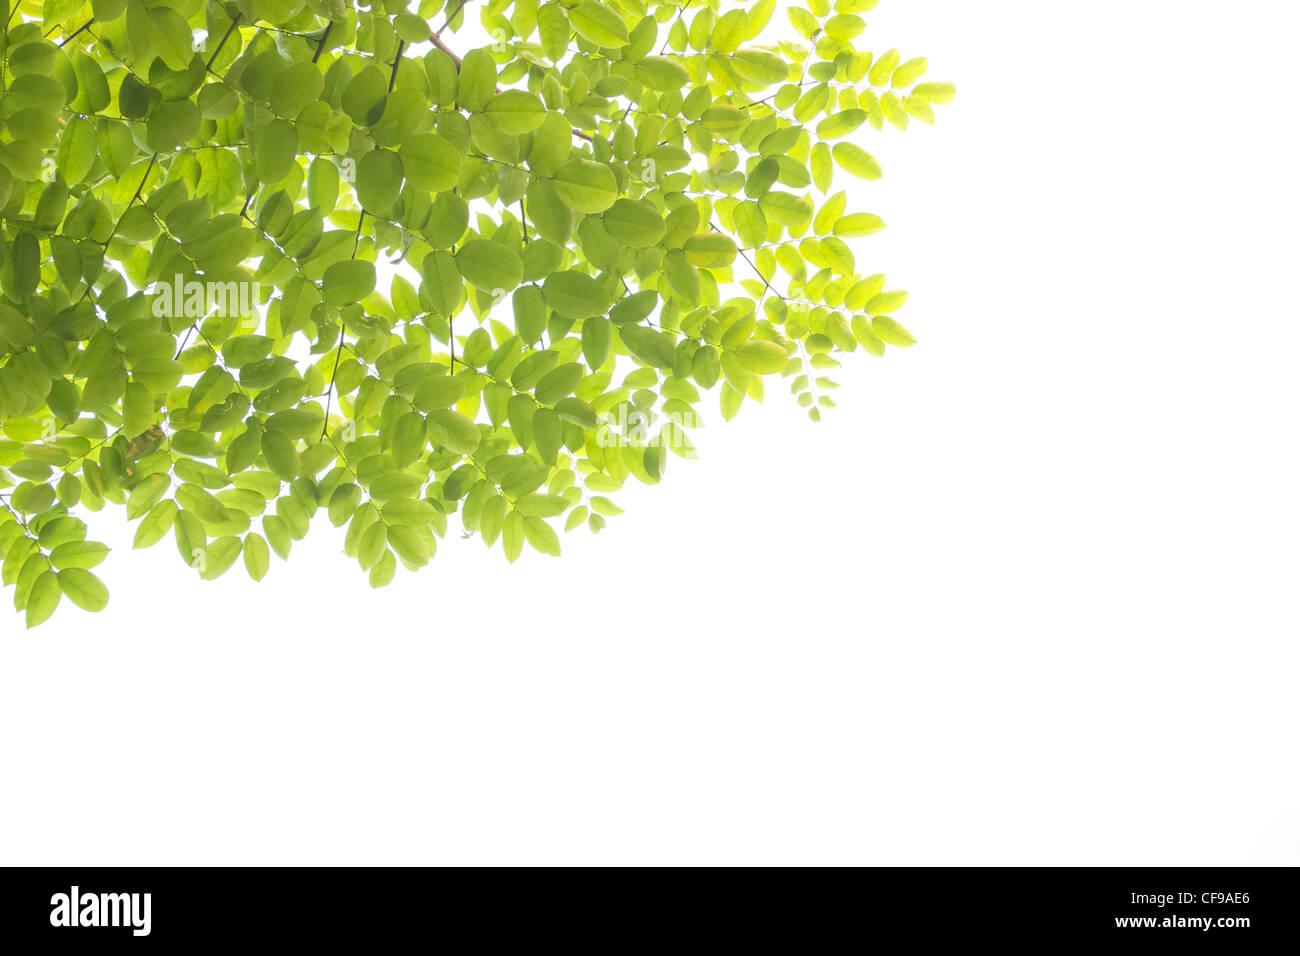 Foglie verdi sfondo bianco Immagini Stock